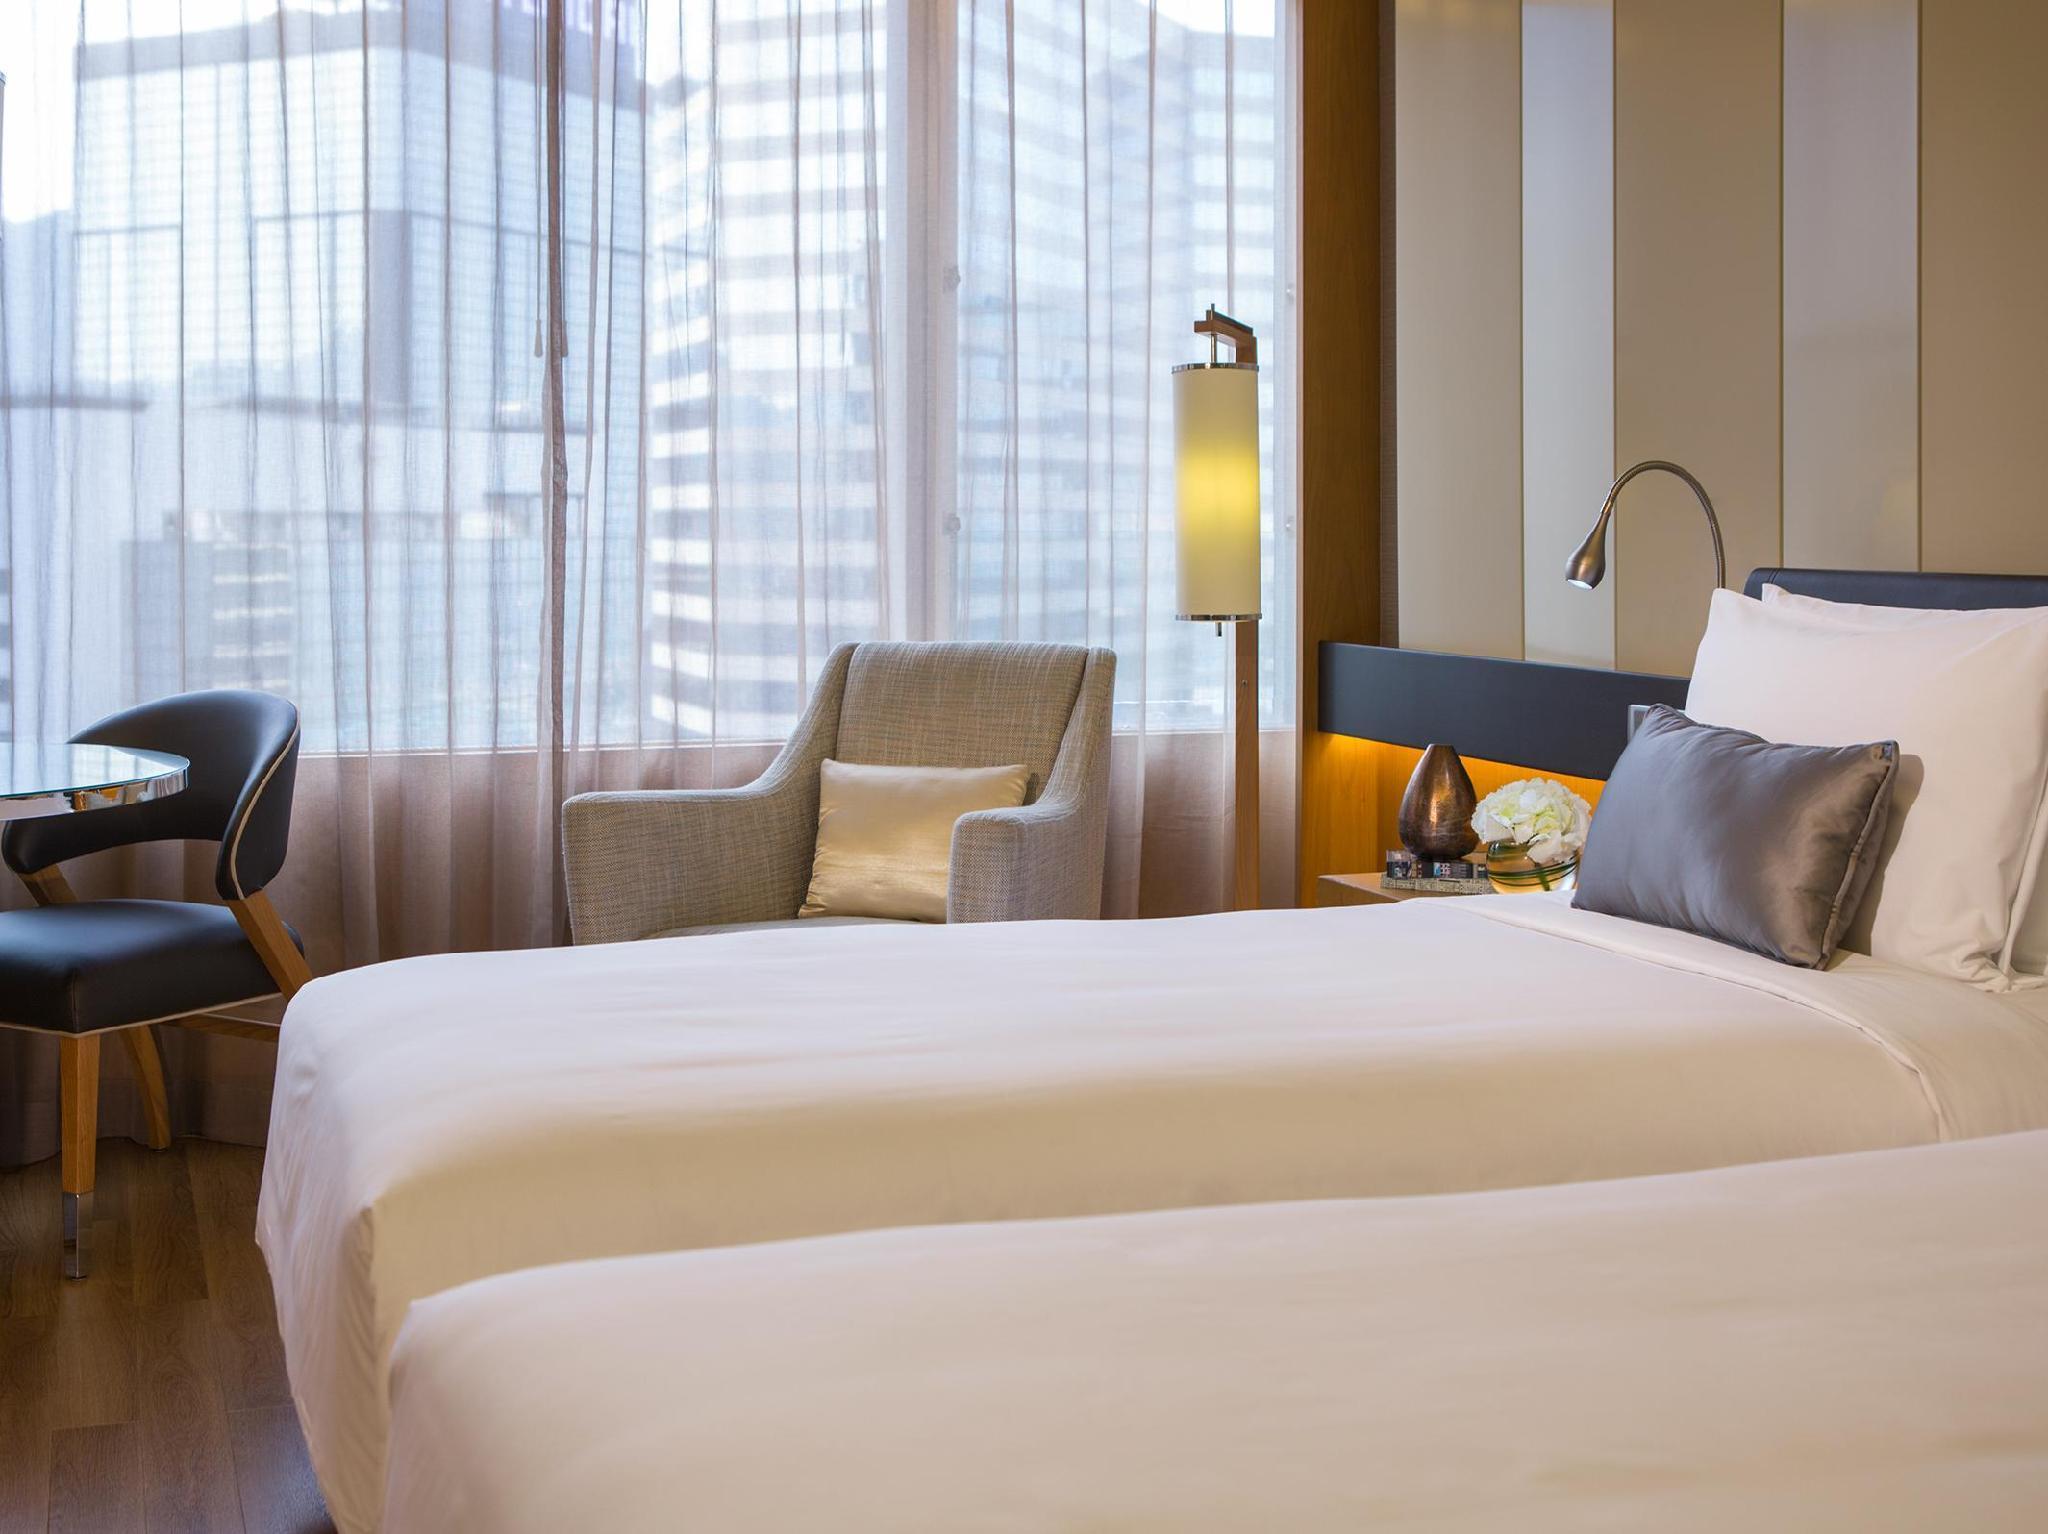 香港香港萬麗海景酒店 (Renaissance Hong Kong Harbour View Hotel) - Agoda 提供行程前一刻網上即時優惠價格訂房服務